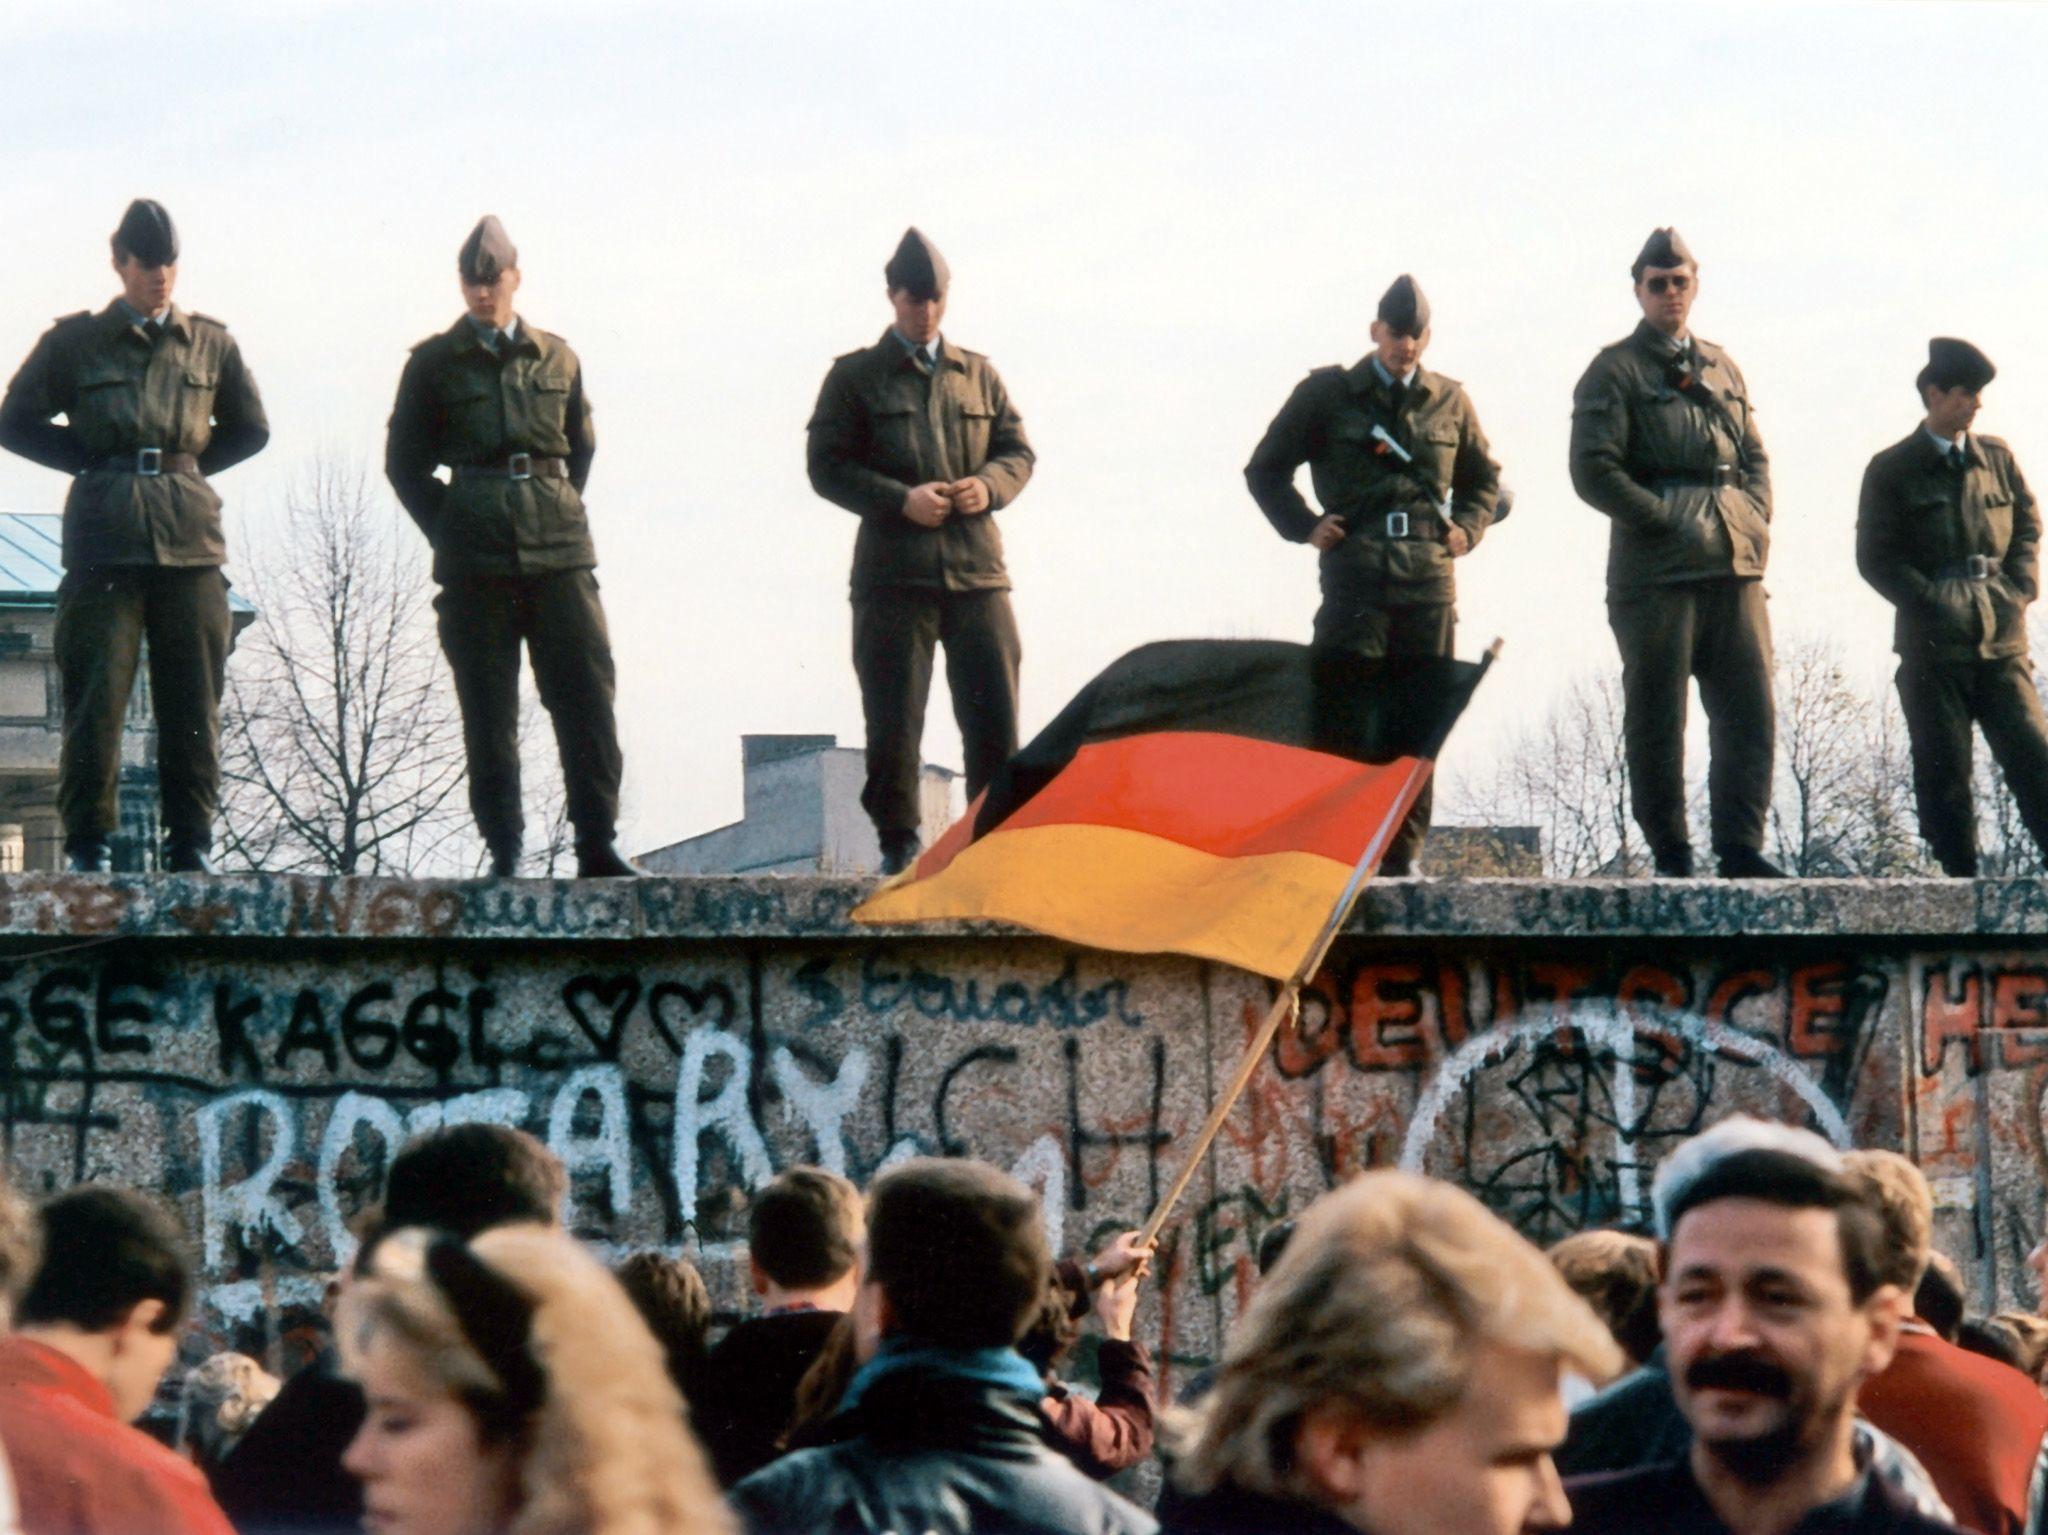 سربازها روی دیوار برلین ایستادهاند. | عکسی از... [Photo of the day - اکتوبر 2018]